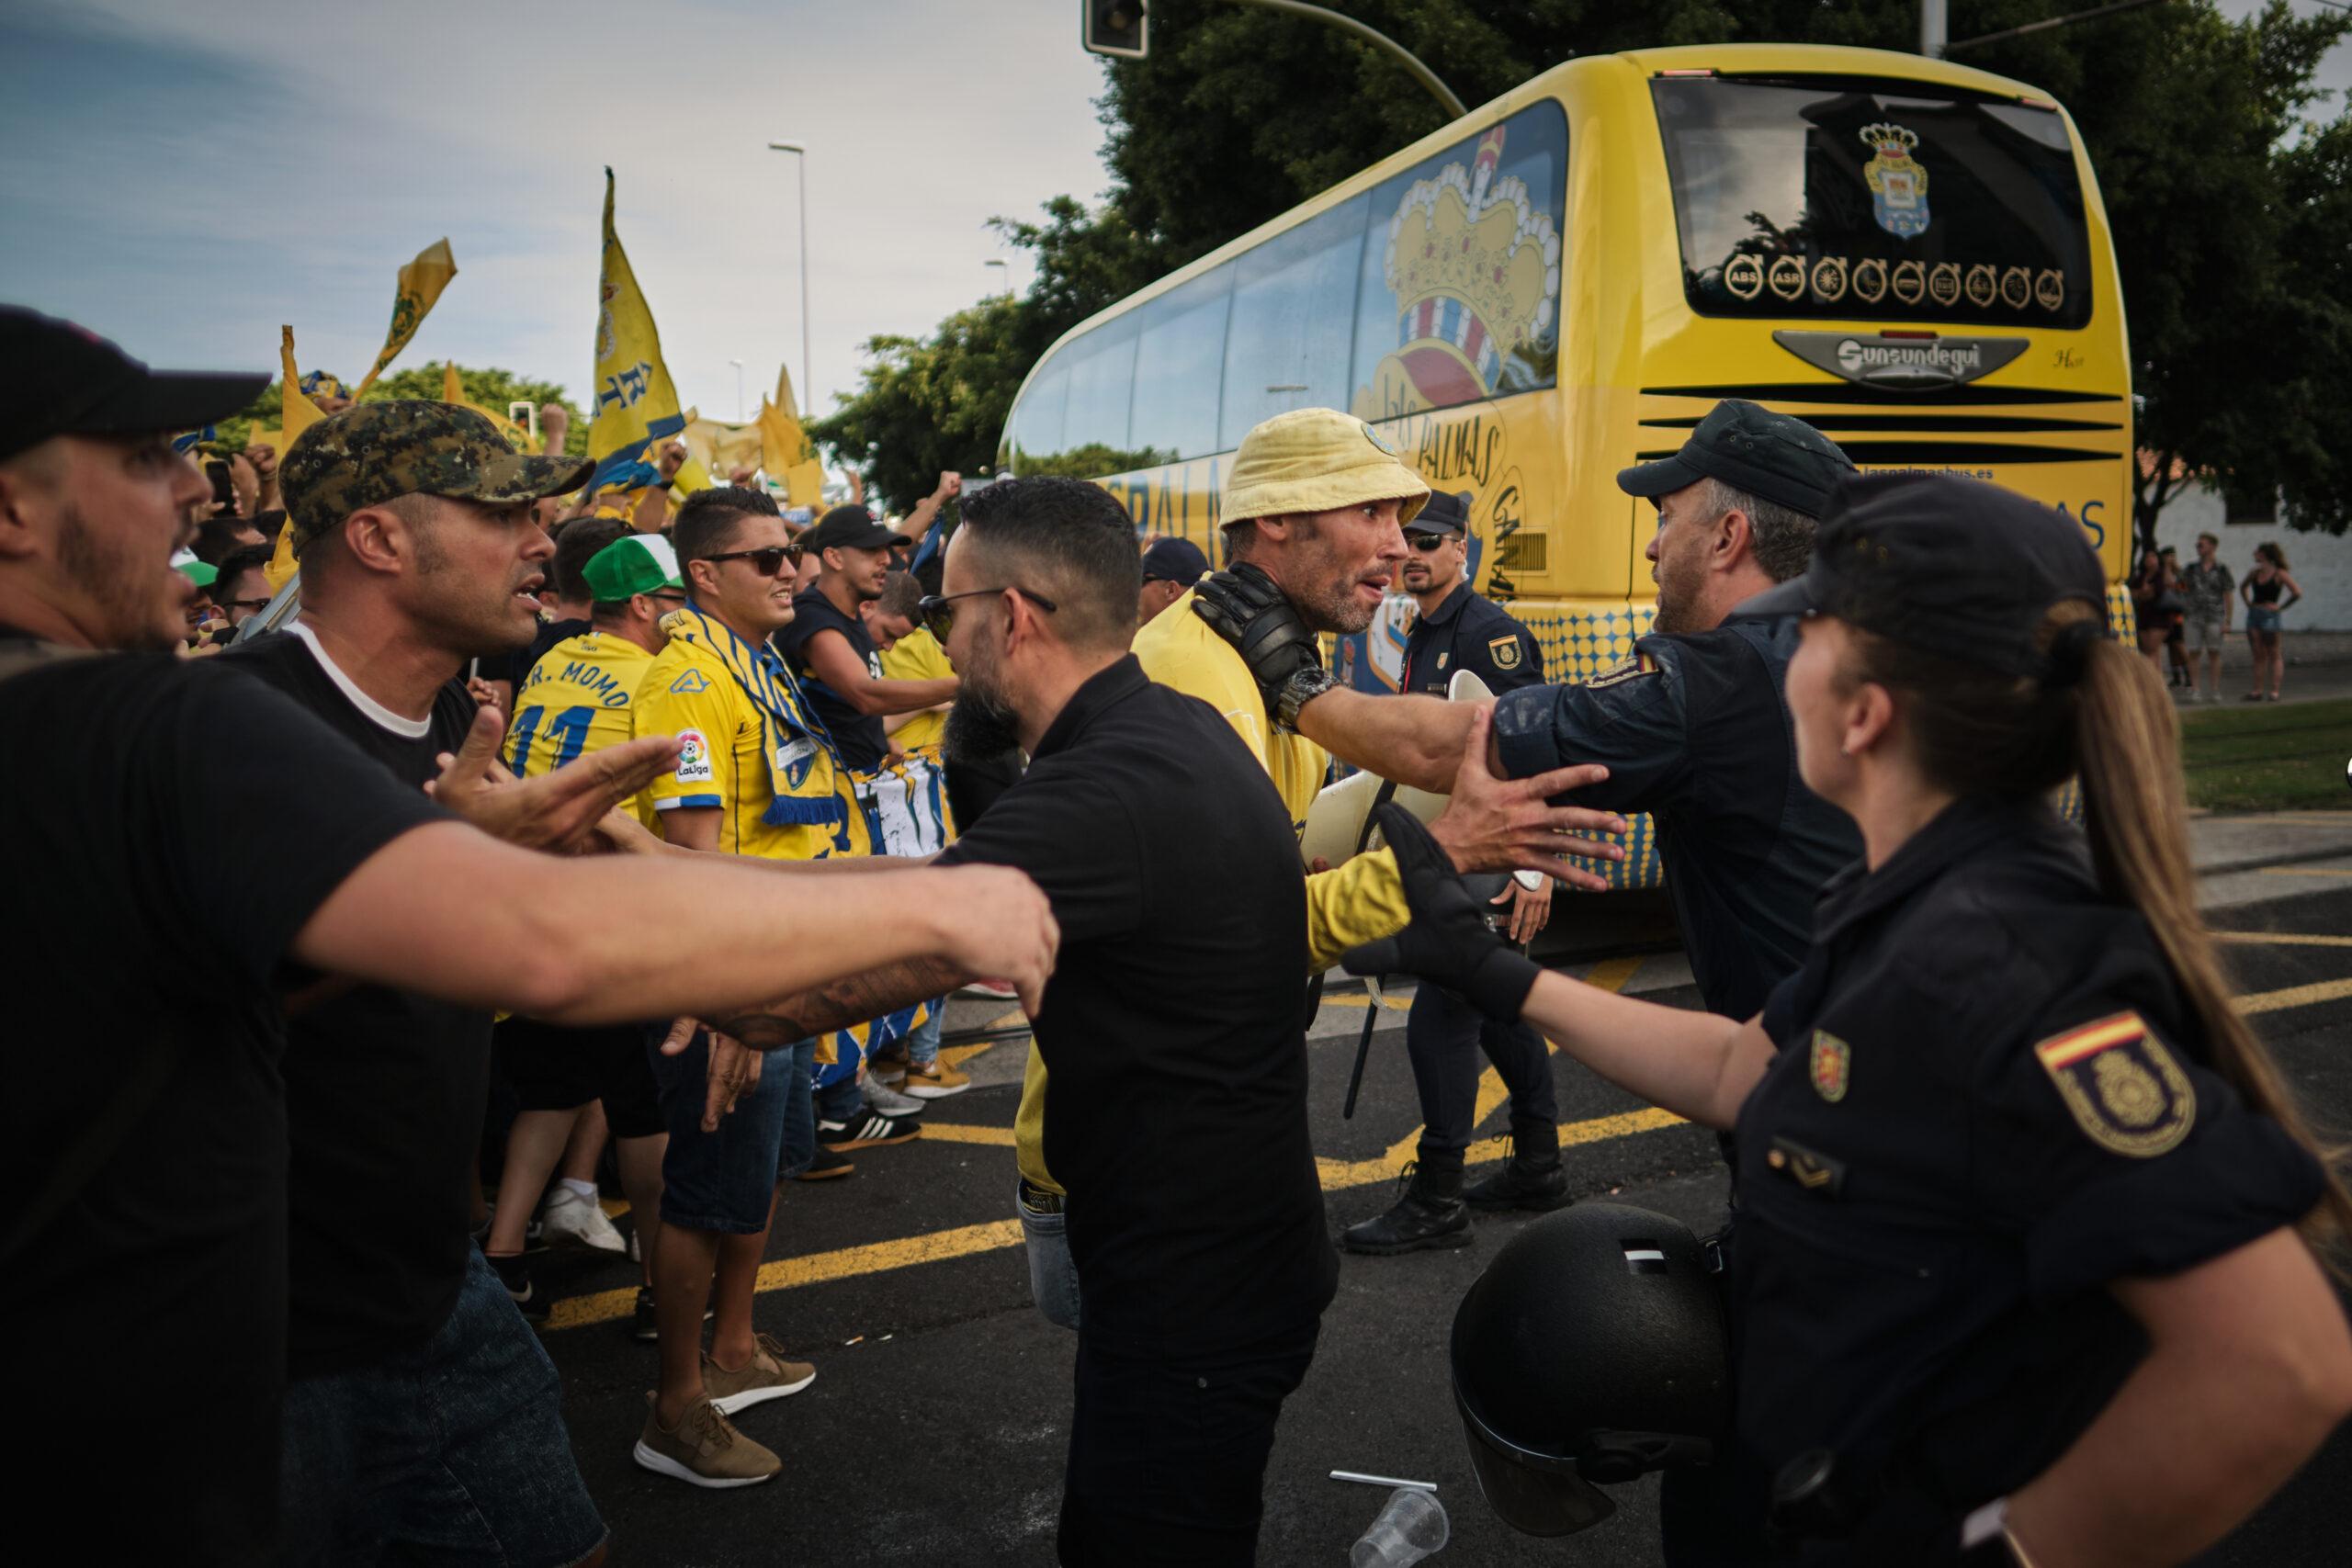 Primer Premio. Categoría: Deportes (Serie). Efectivos de la Policia Nacional, tratan de calmar a los ultras de la UD Las Palmas ante el paso del autobús de su equipo. Julio 9, 2019. Santa Cruz de Tenerife. Andrés Gutiérrez